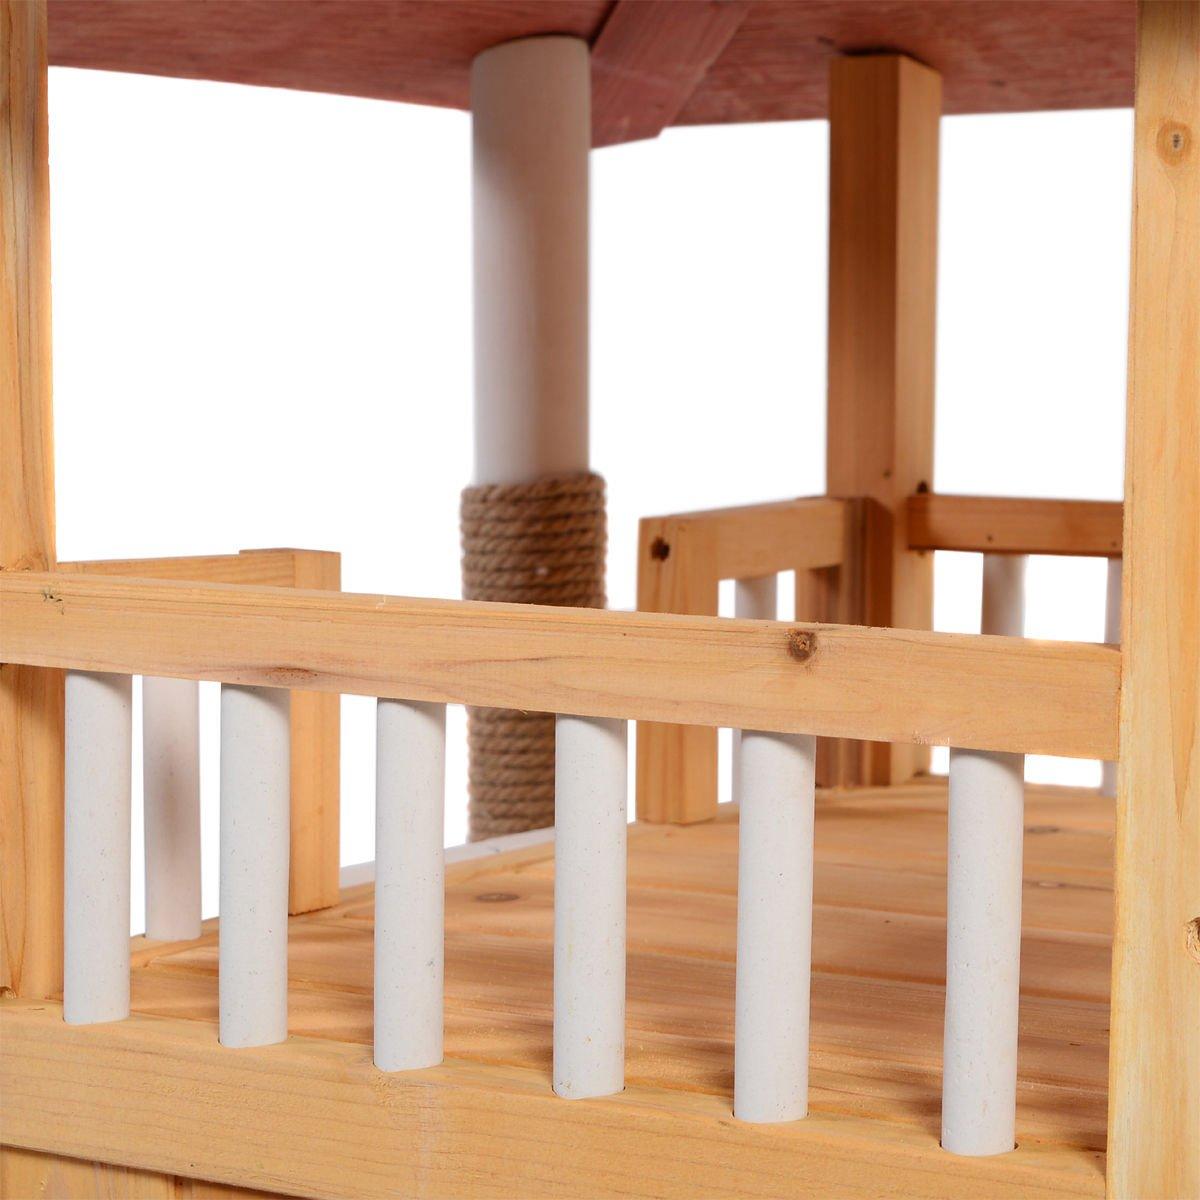 Amazon.com : Indoor Cat House Outdoor Pet Shelter Roof Condo Wood ...